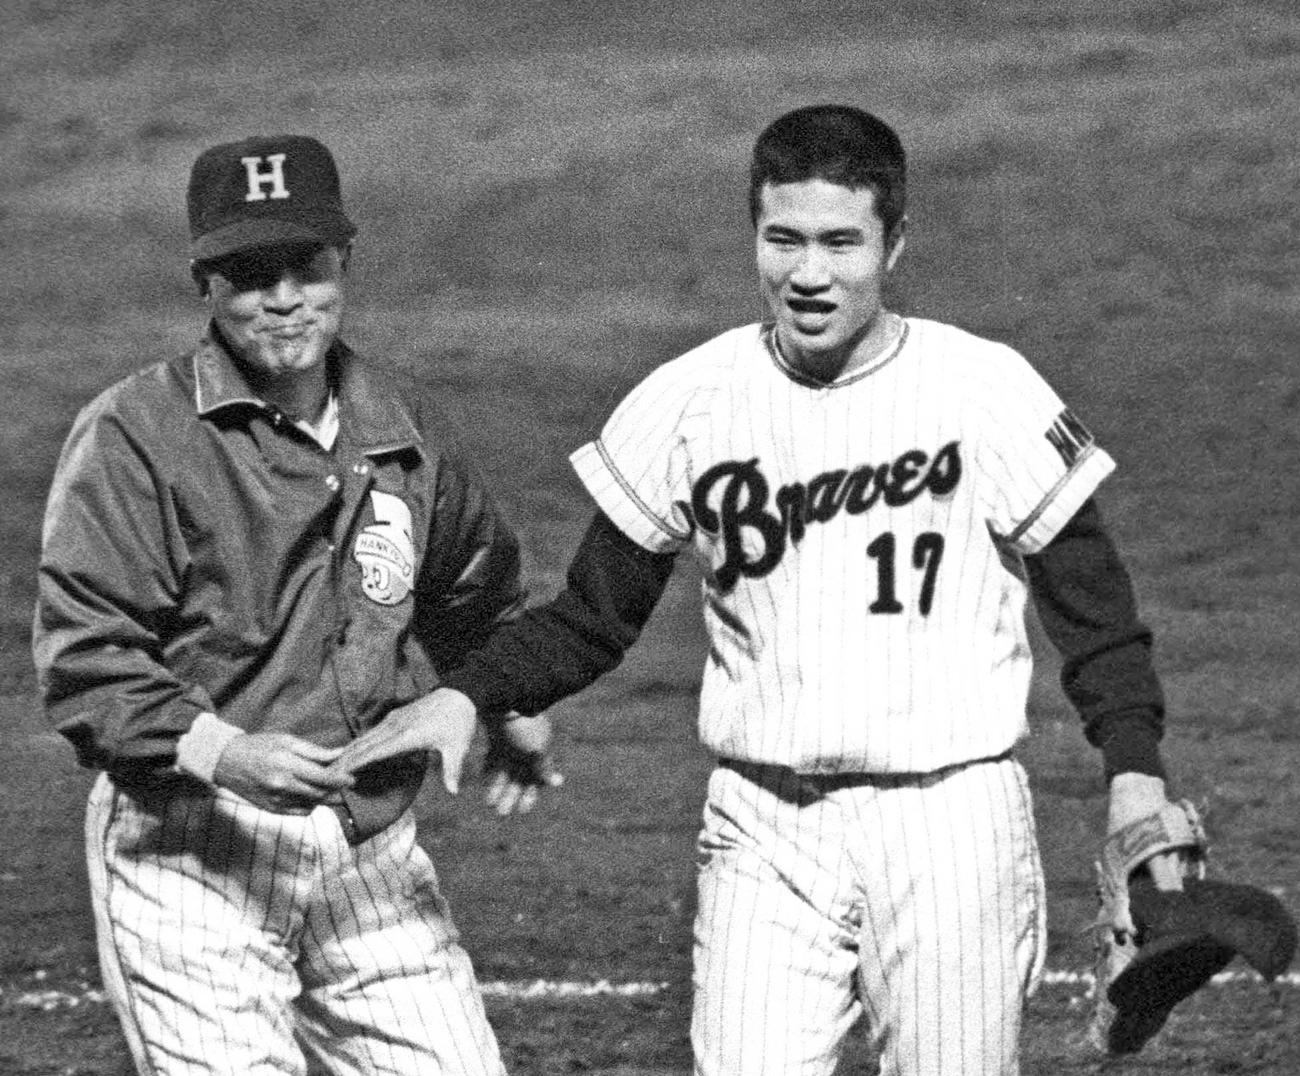 71年、近鉄に勝利し、山田久志(右)を迎える阪急・西本幸雄監督